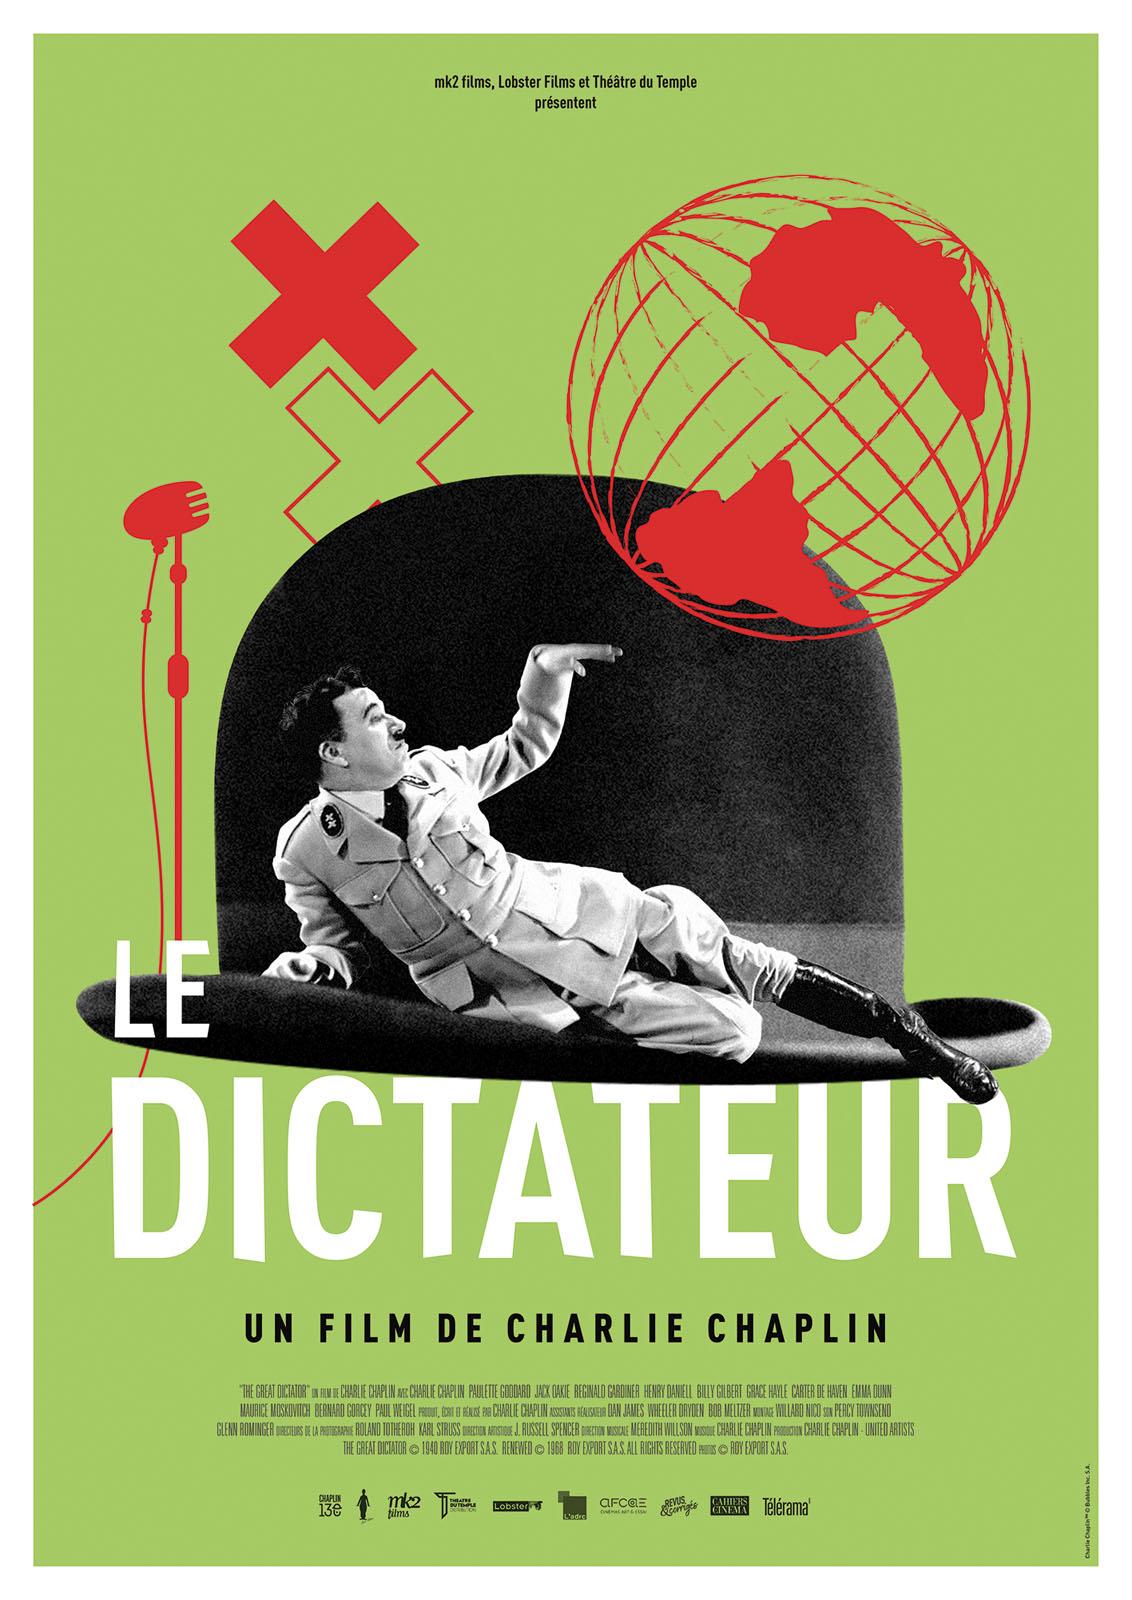 DICTATEUR LE TÉLÉCHARGER CHAPLIN FILM